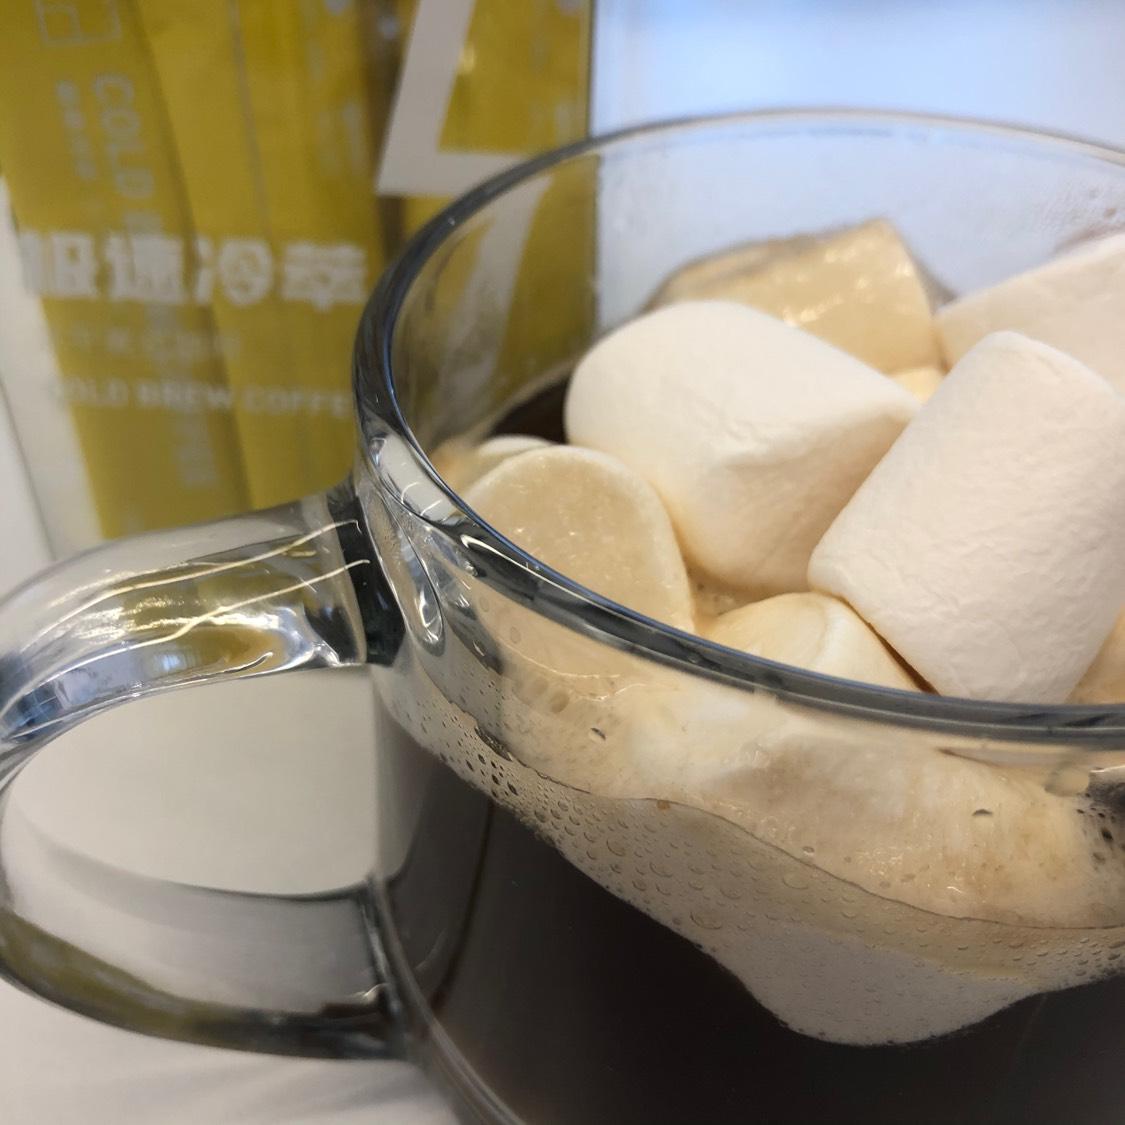 等待棉花糖泡软,化作类似奶盖的半融化状态